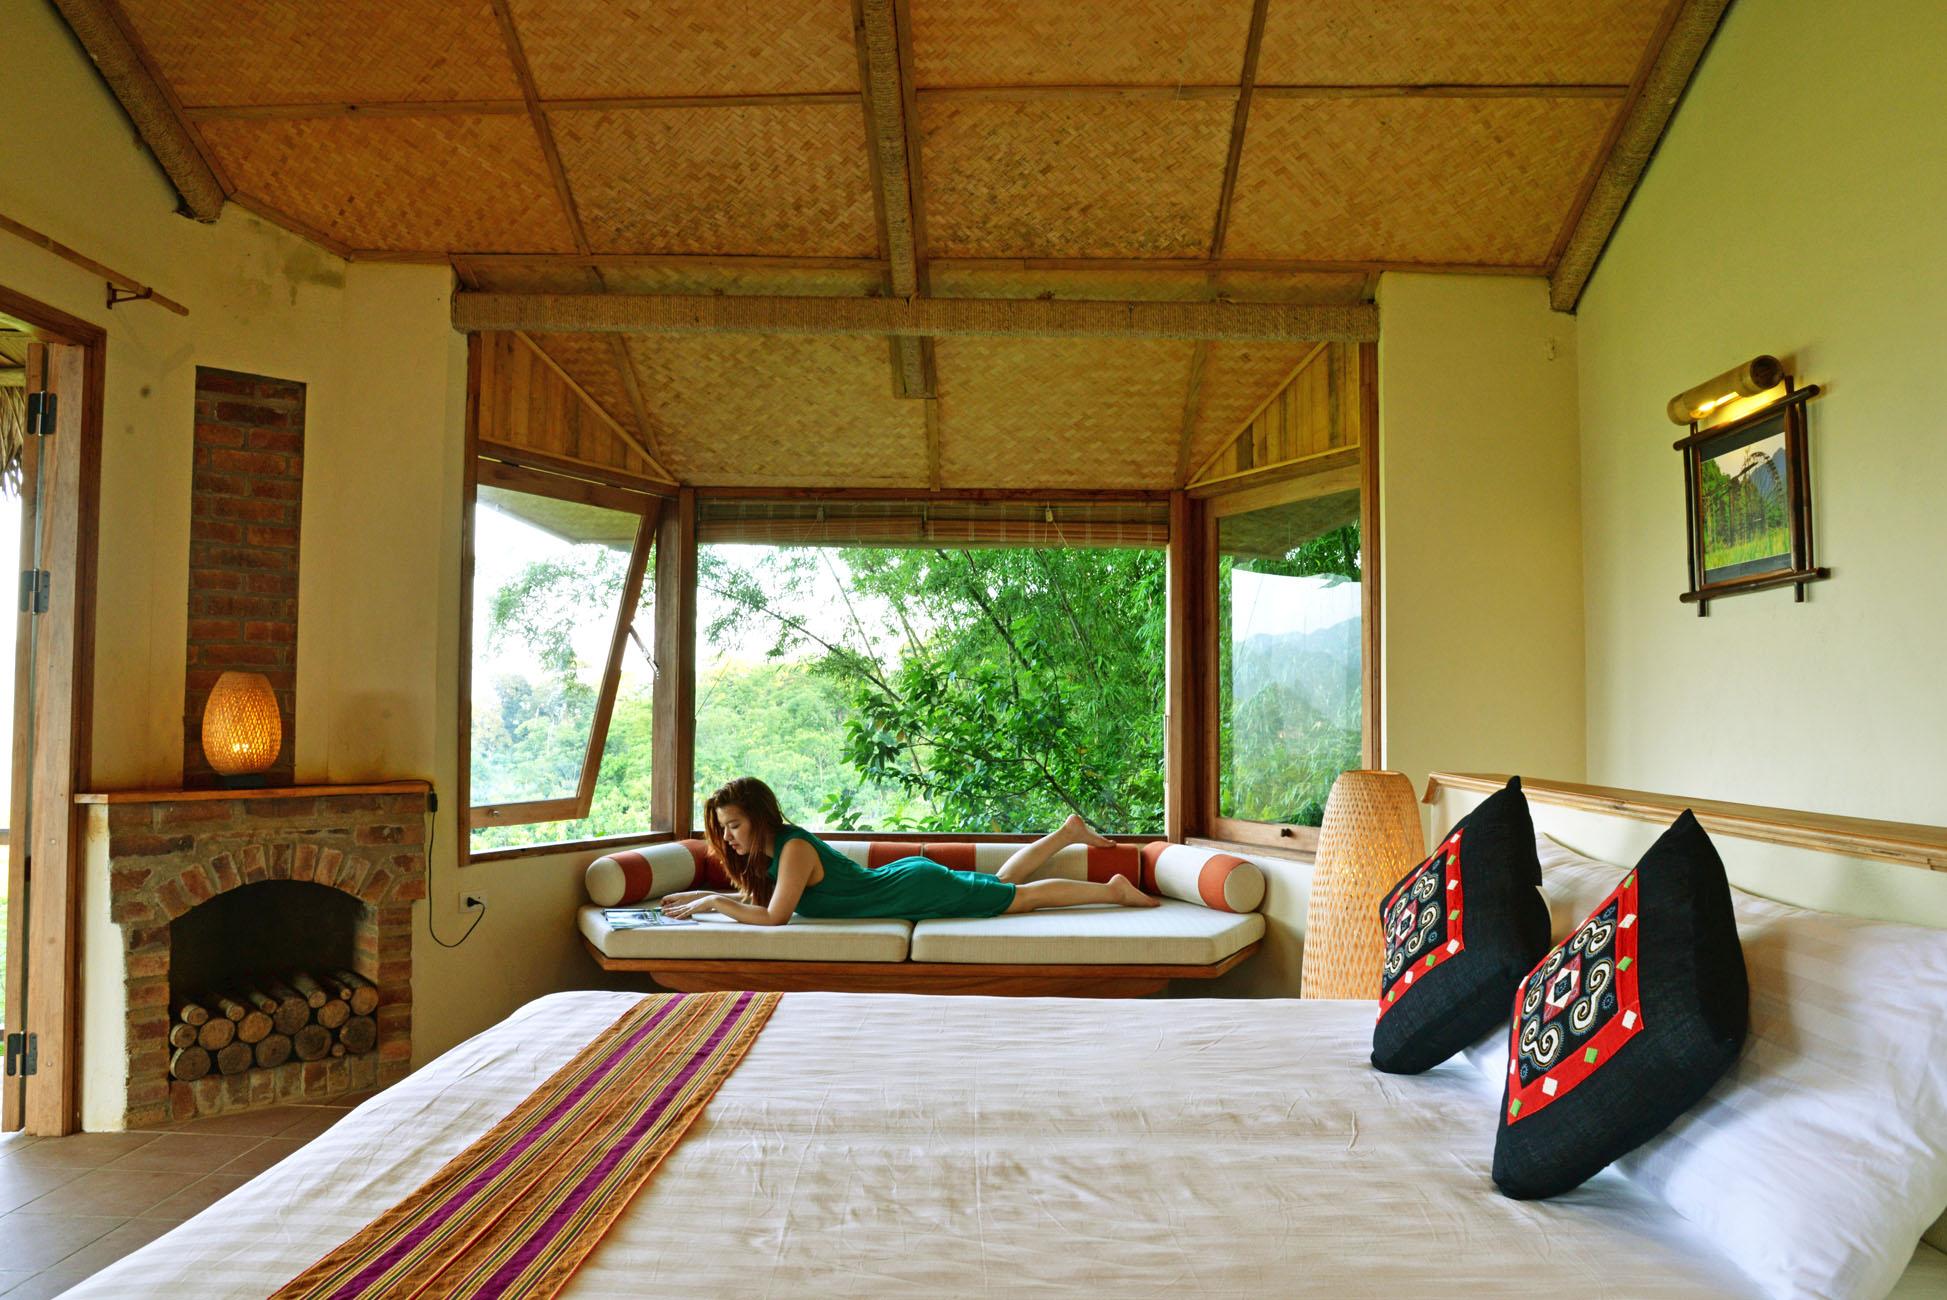 Catégorie de chambre d'hôtel Pu Luong retreat